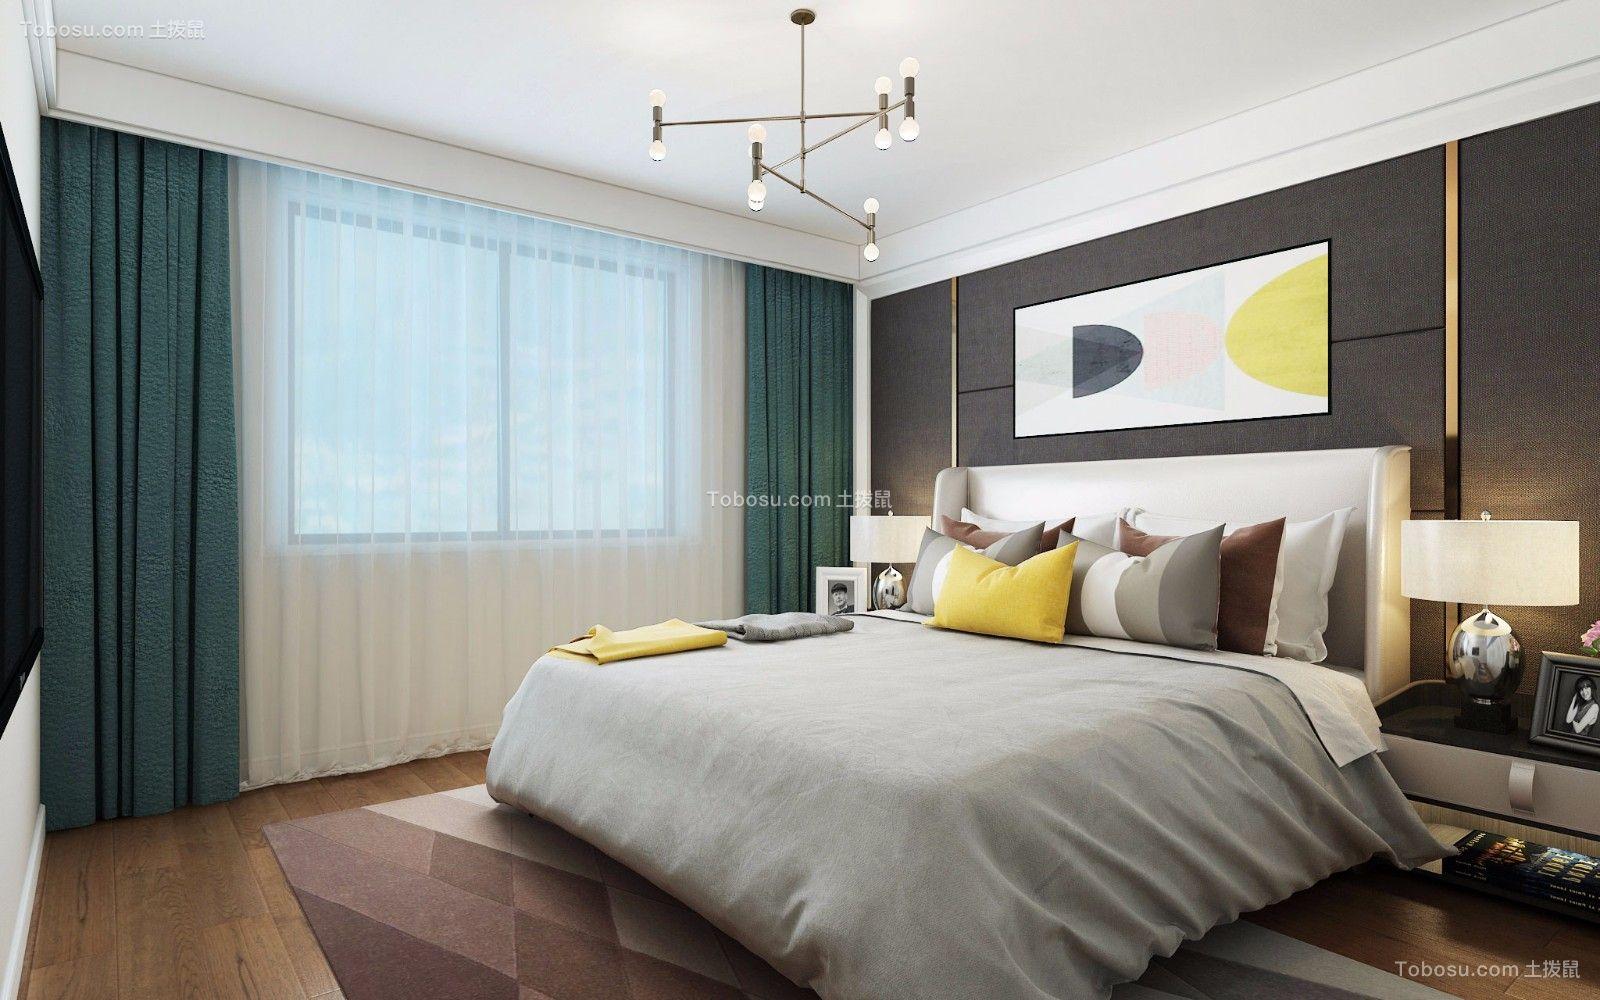 2019现代欧式卧室装修设计图片 2019现代欧式窗台装修设计图片